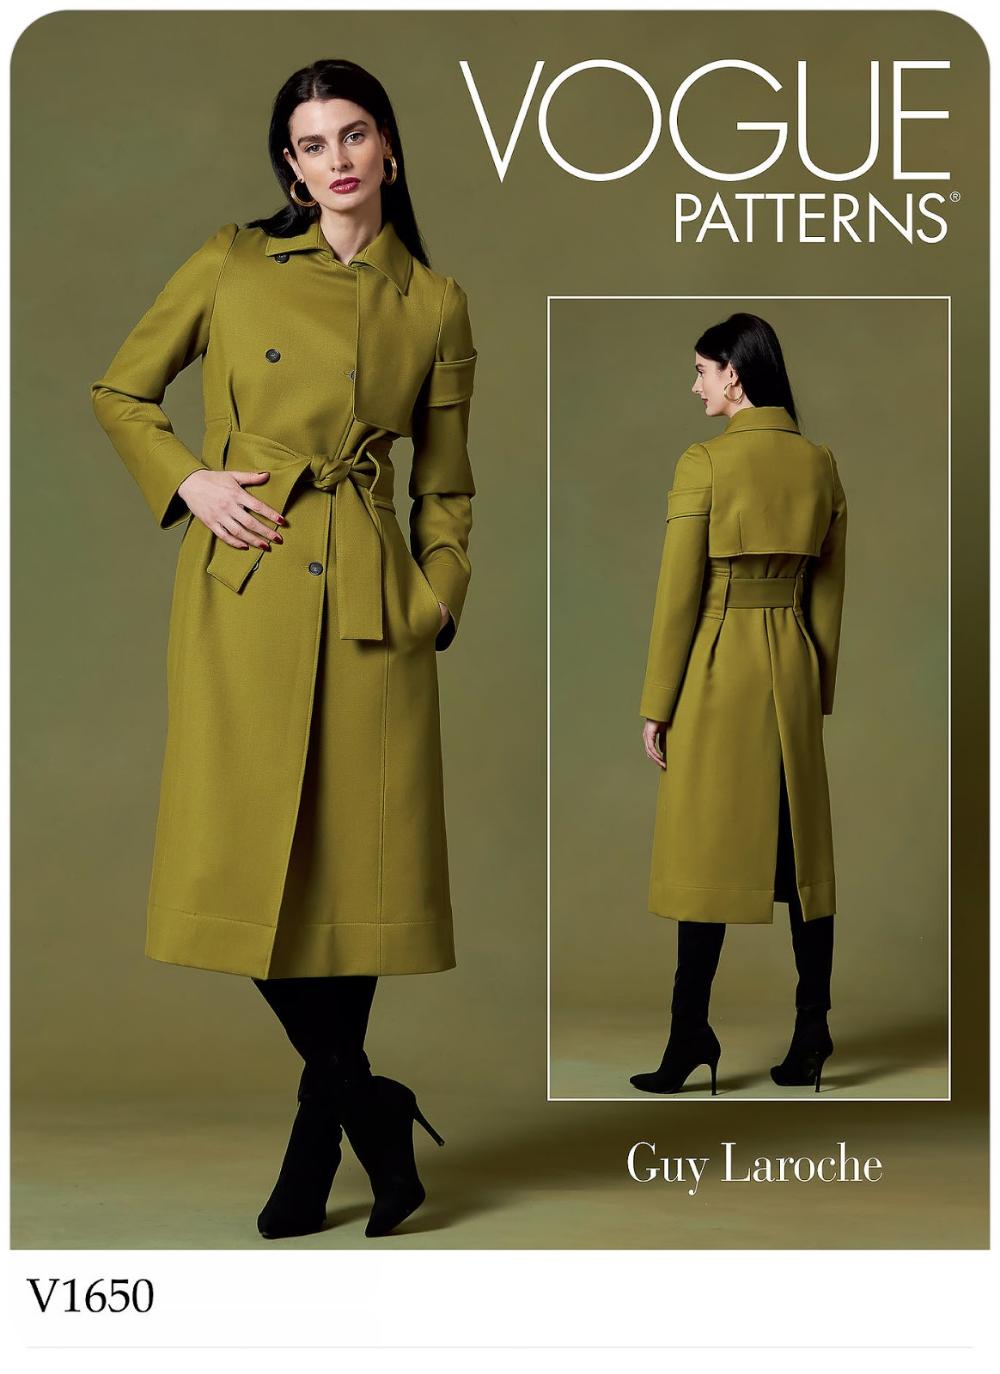 Vogue Patterns 1650 V1650 Vogue Patterns Coat Pattern Sewing